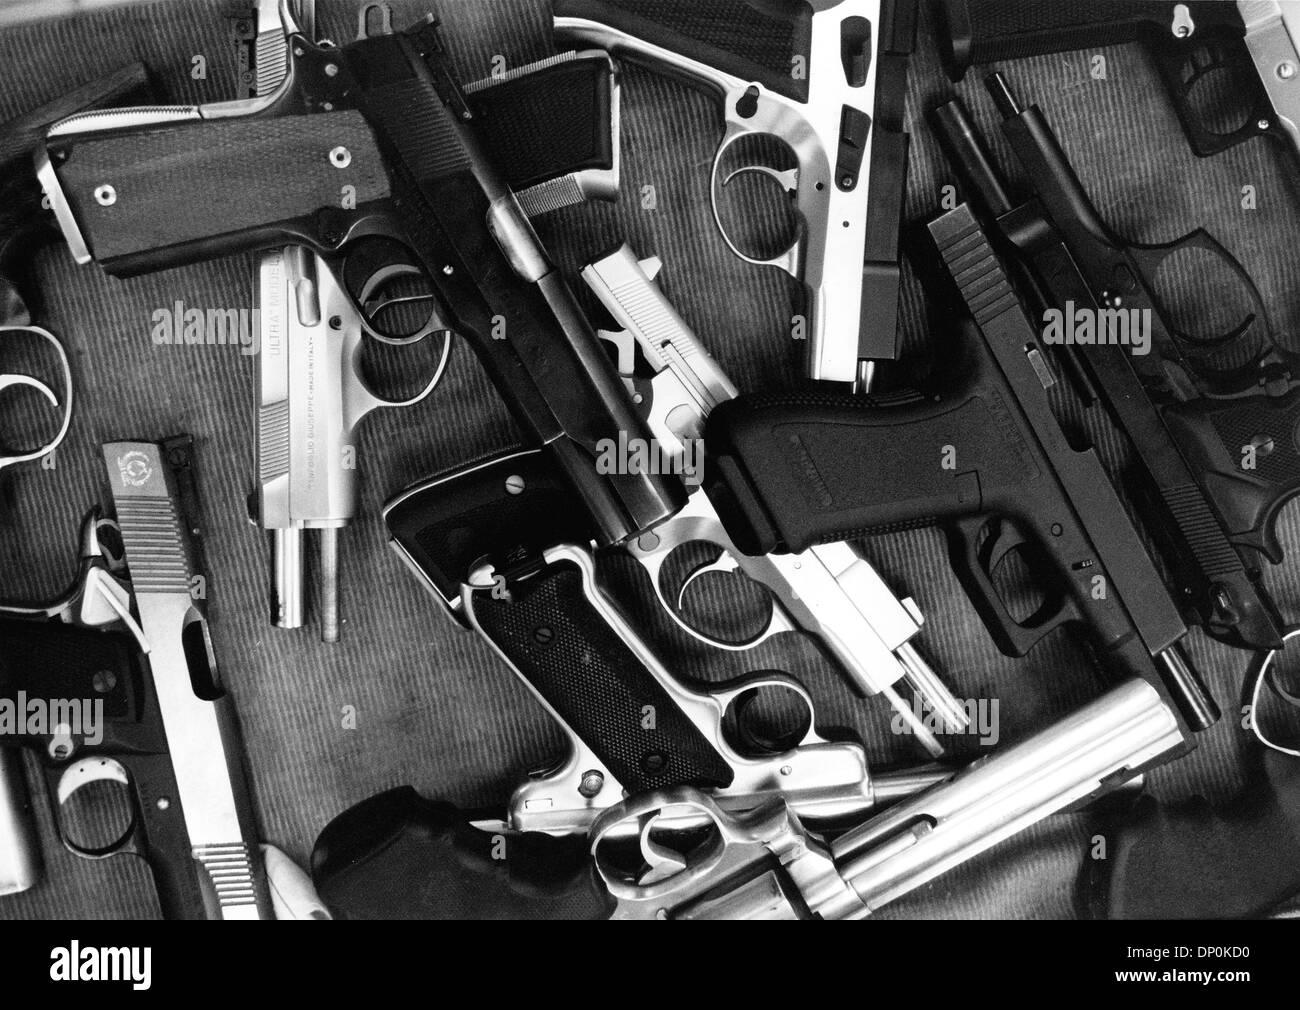 26. Juni 2008 - endet Washington, DC, USA - The US Supreme Court, dass die Amerikaner ein verfassungsmäßiges Recht, Waffen zu tragen ein Verbot von Handfeuerwaffen in Washington, DC in seinem ersten Urteil über Pistole Rechte in 70 Jahren besitzen. 5-4 Grundsatzentscheidung das Gericht sagte, dass die Stadt Recht die zweite Änderung der Verfassung der Vereinigten Staaten verletzt, das die Richter sagte Bürgerinnen und Bürger das Recht auf g halten garantiert Stockbild